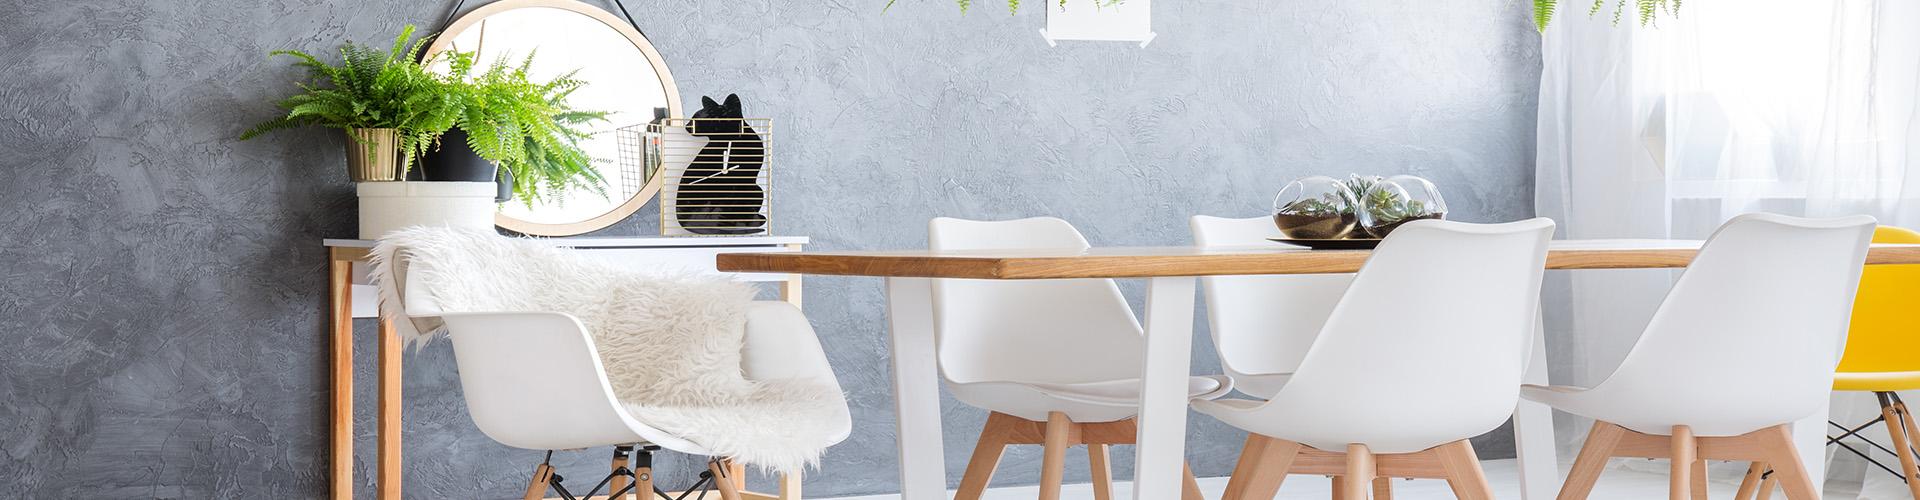 Best Living Room interior designers in Bangalore